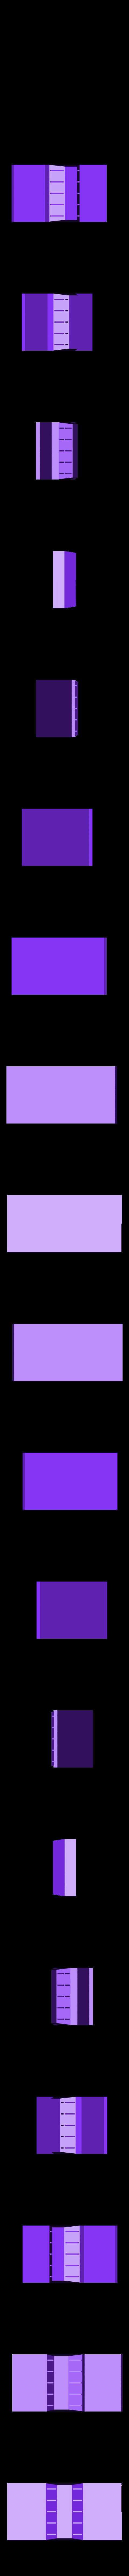 04c103ef 0270 46f1 a046 44dc4aec6391